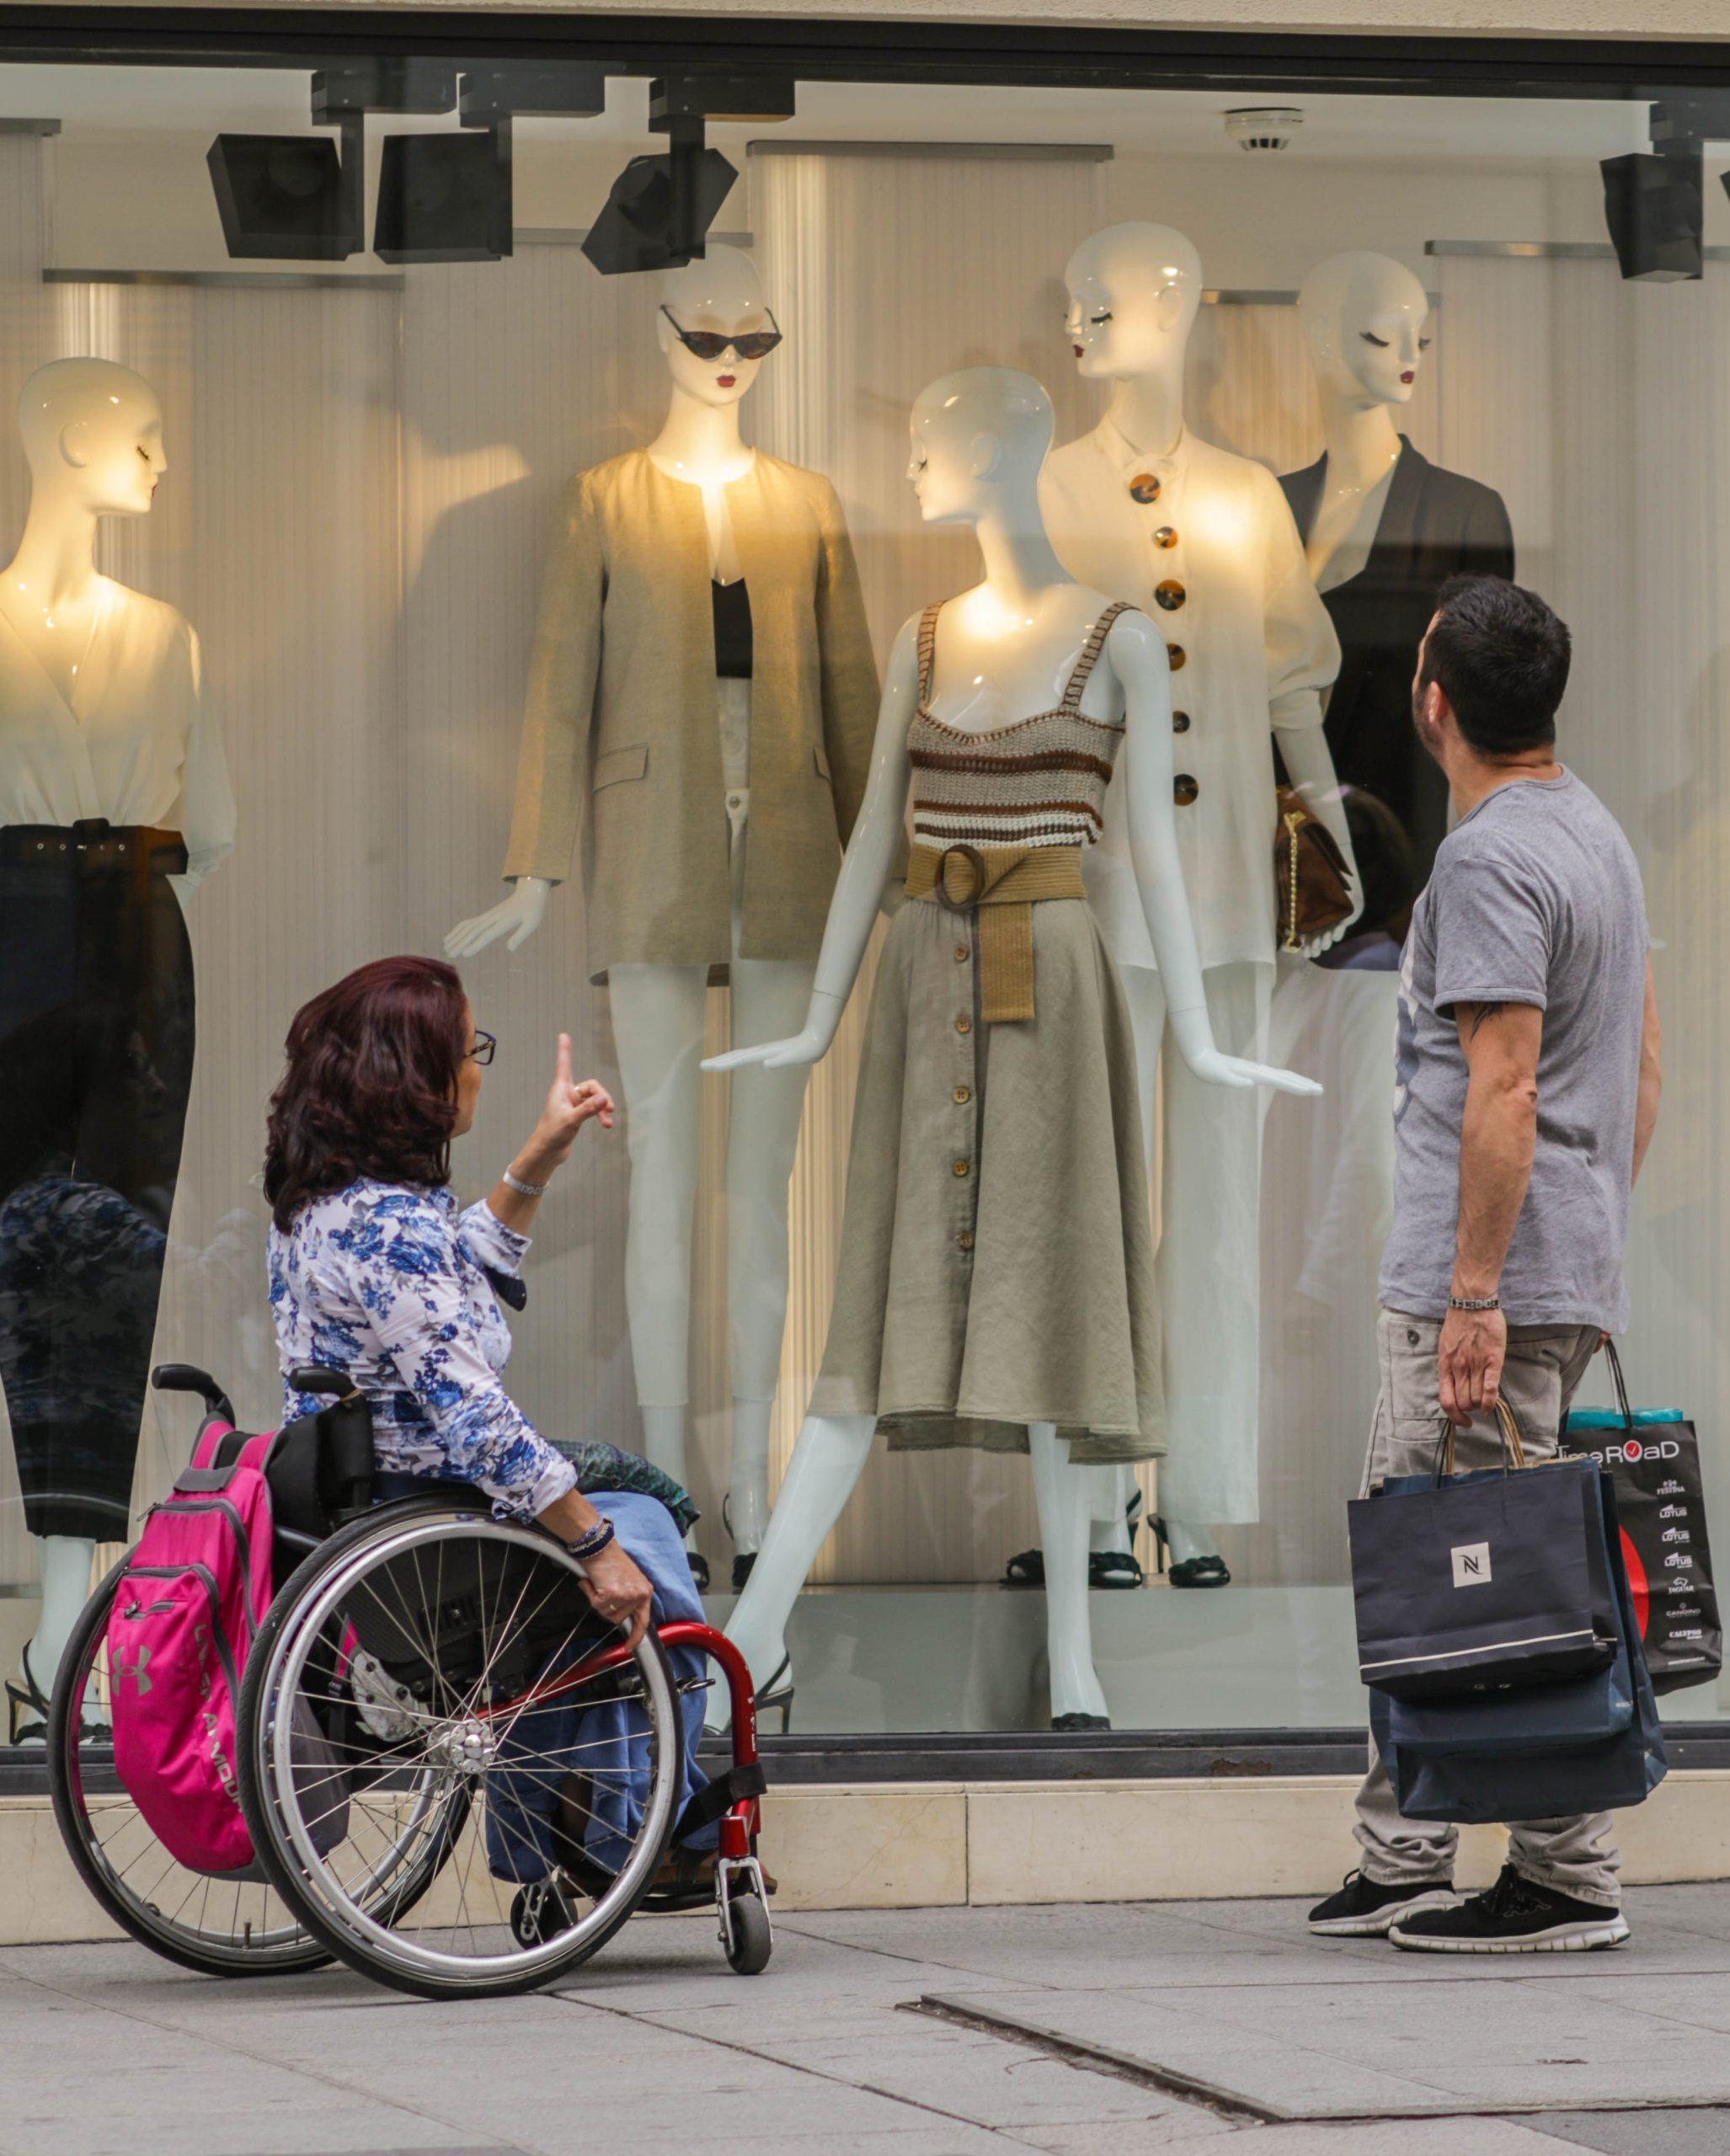 un asistente y una persona en silla de ruedas mirando un escaparate